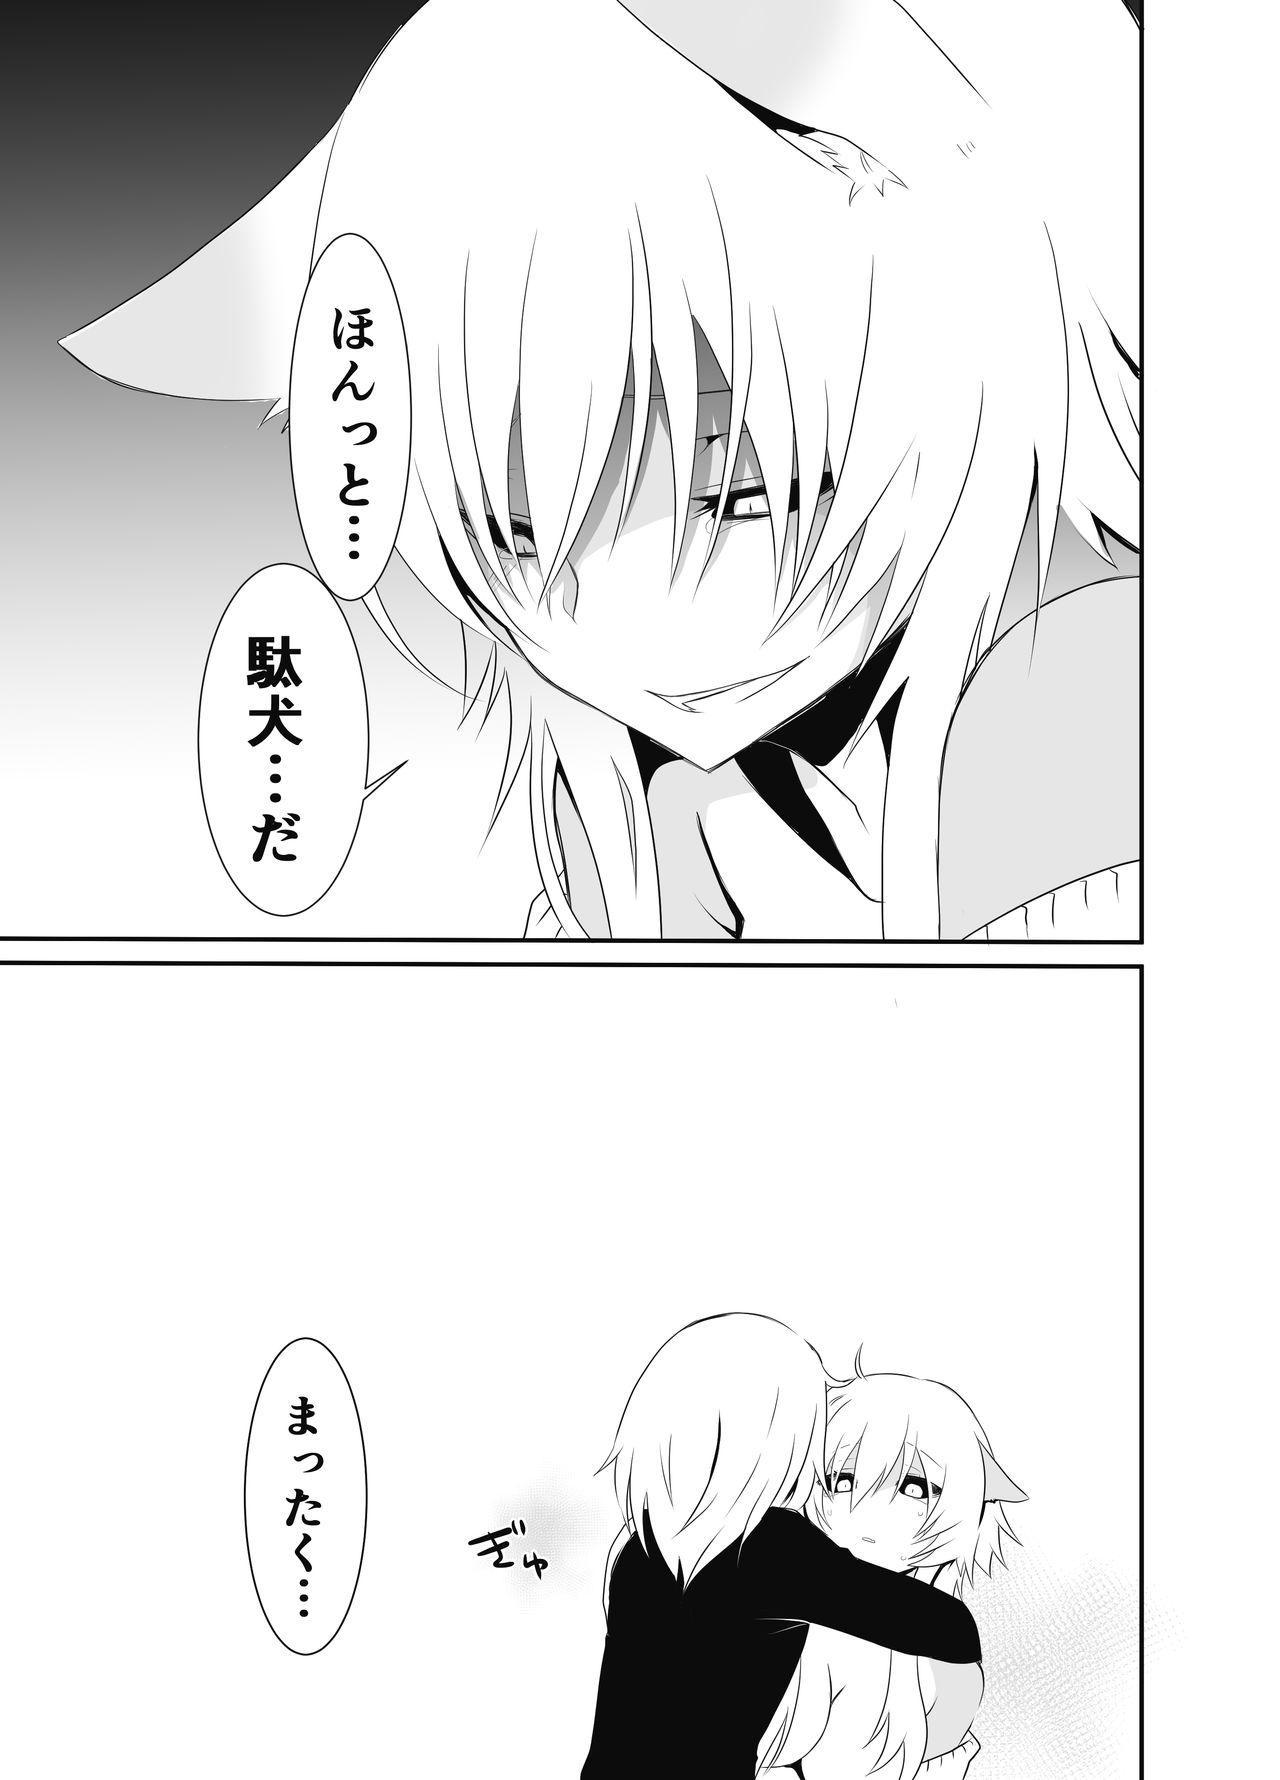 Exorcist-kun wa Gekka no Mono desu! 8